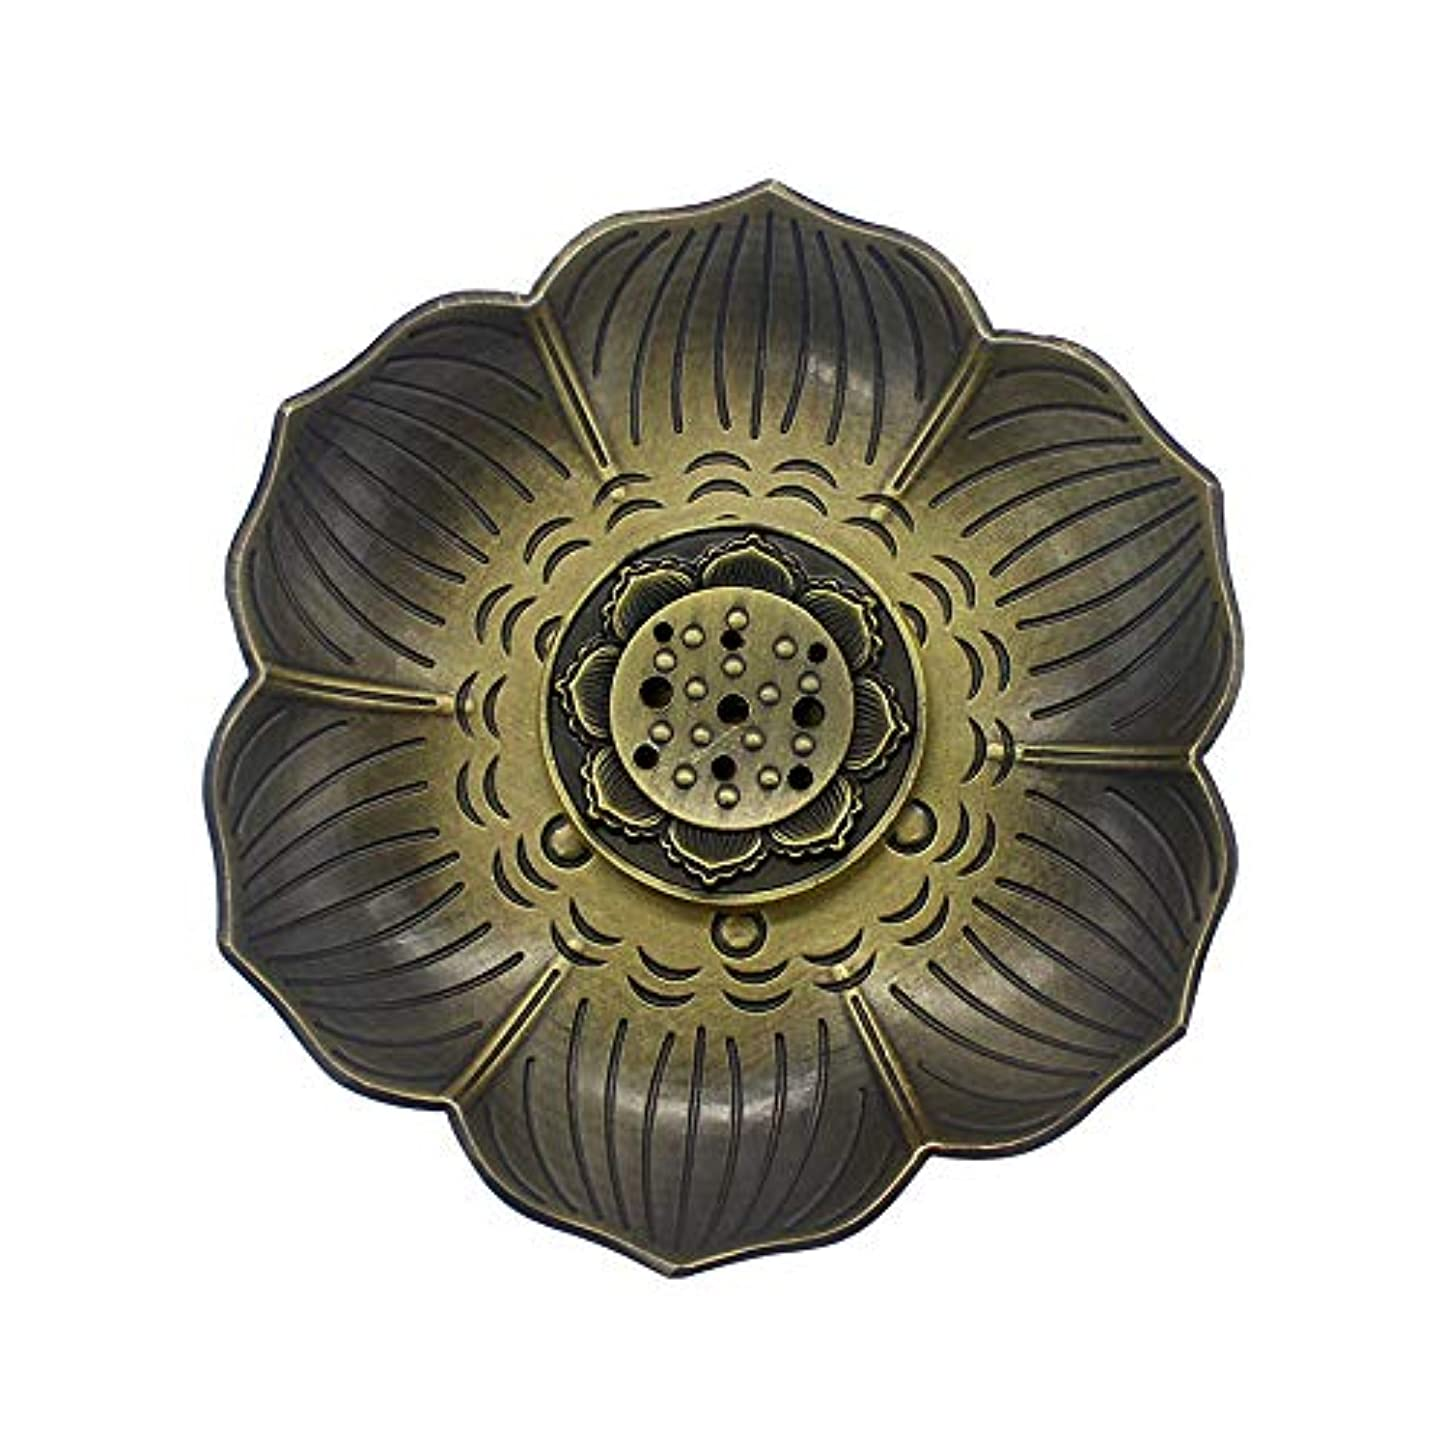 精神的に熟読クリープMyLifeUNITブロンズLotus Incenseホルダー、多目的香炉お香の円錐、またはコイル